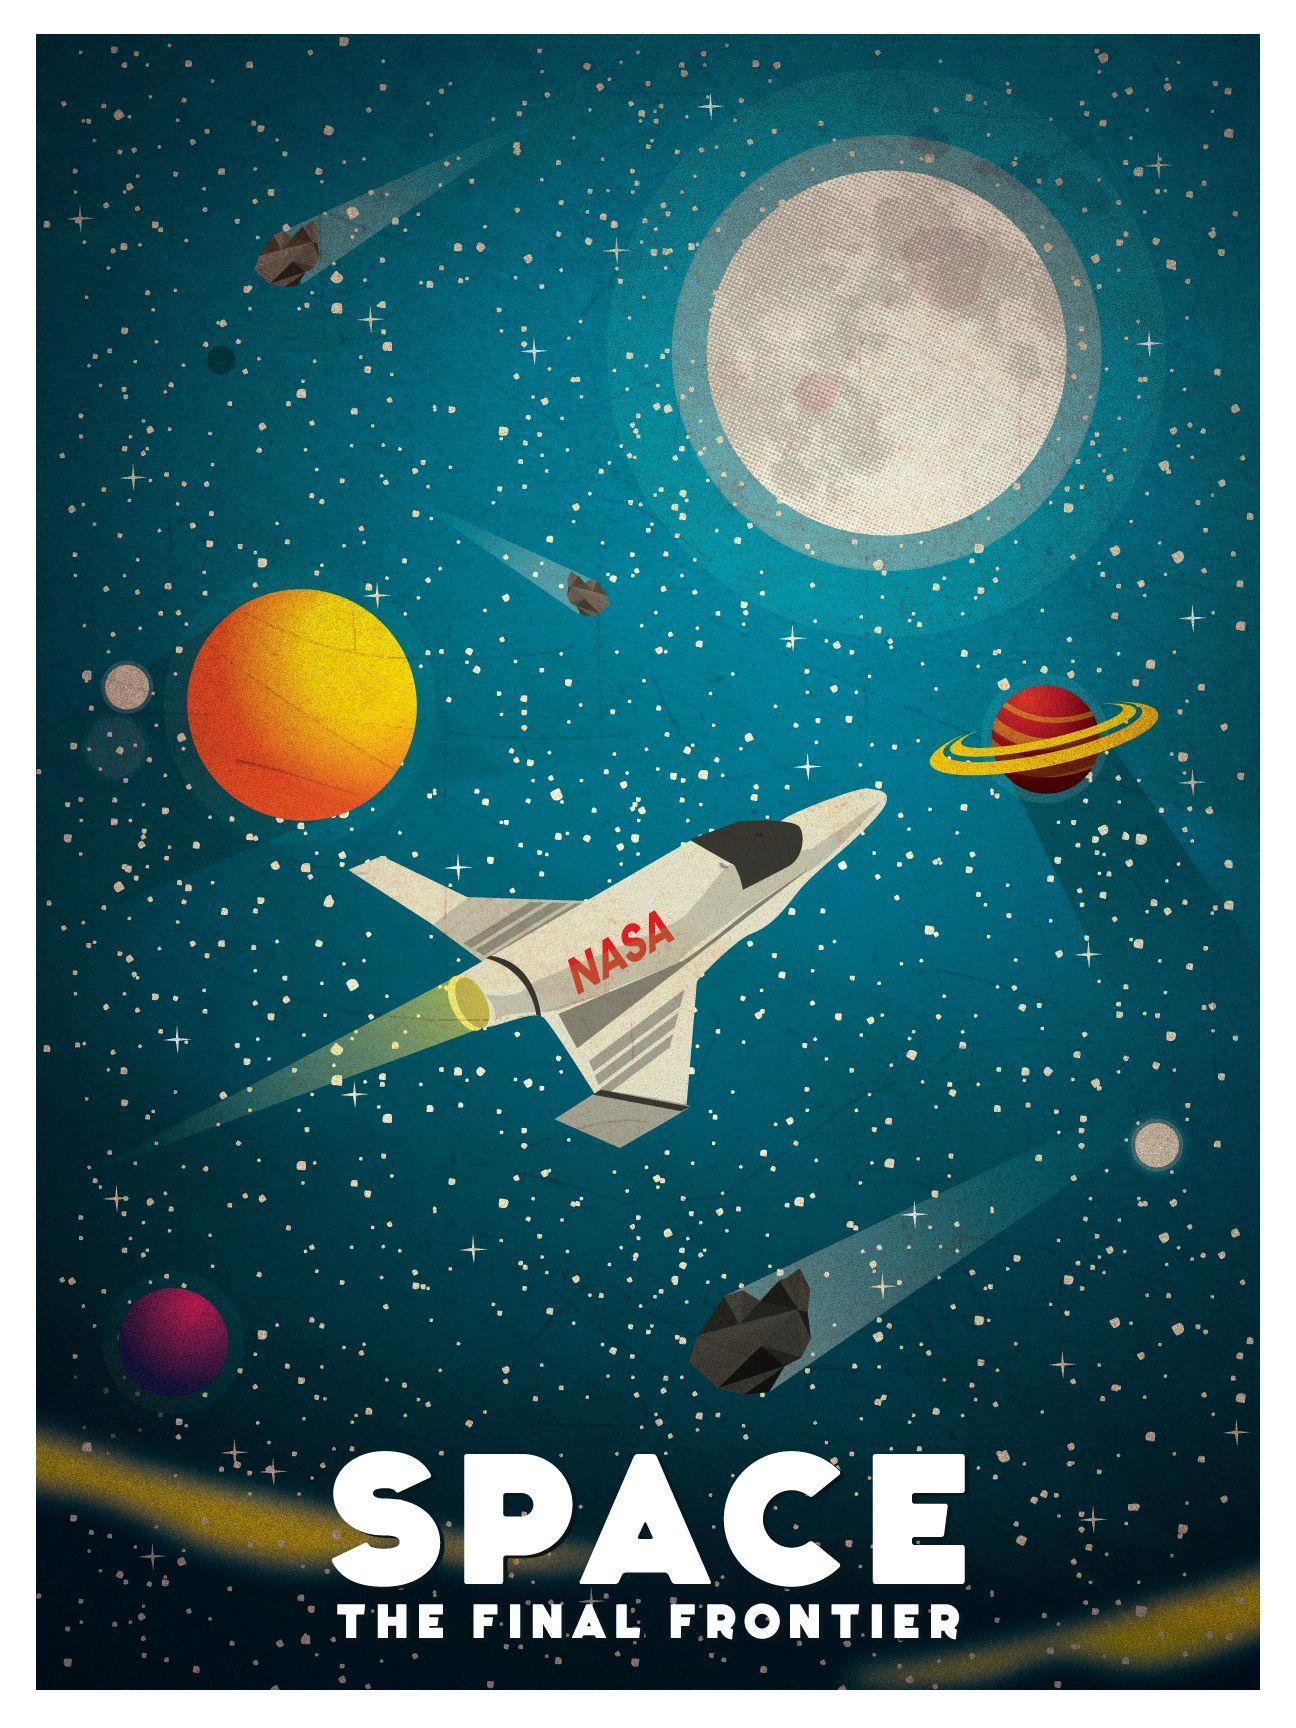 Vintage Space Print